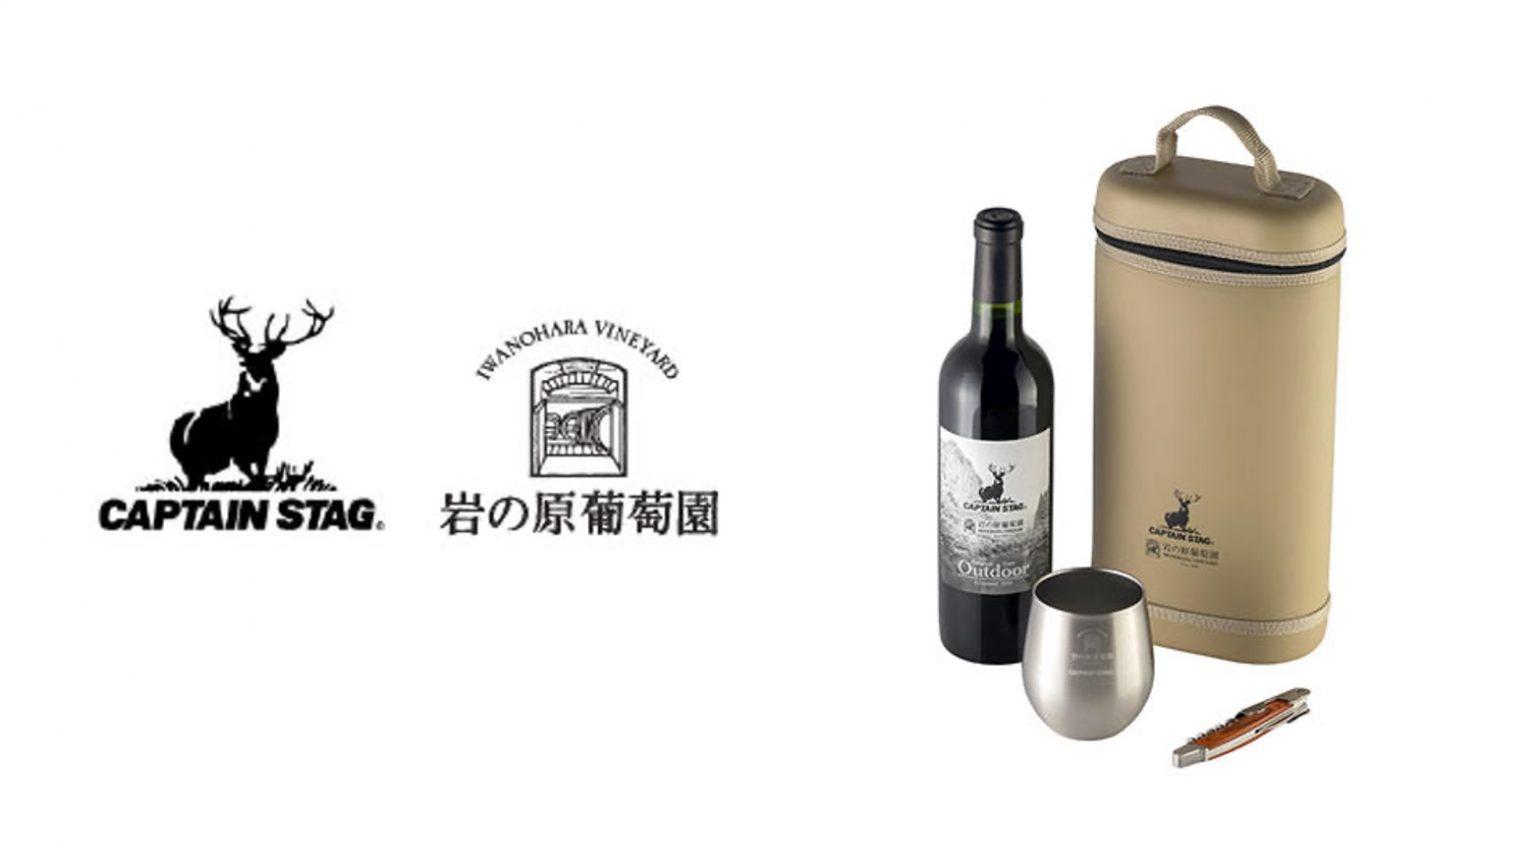 キャプテンスタッグ岩の原葡萄園オリジナルワイン